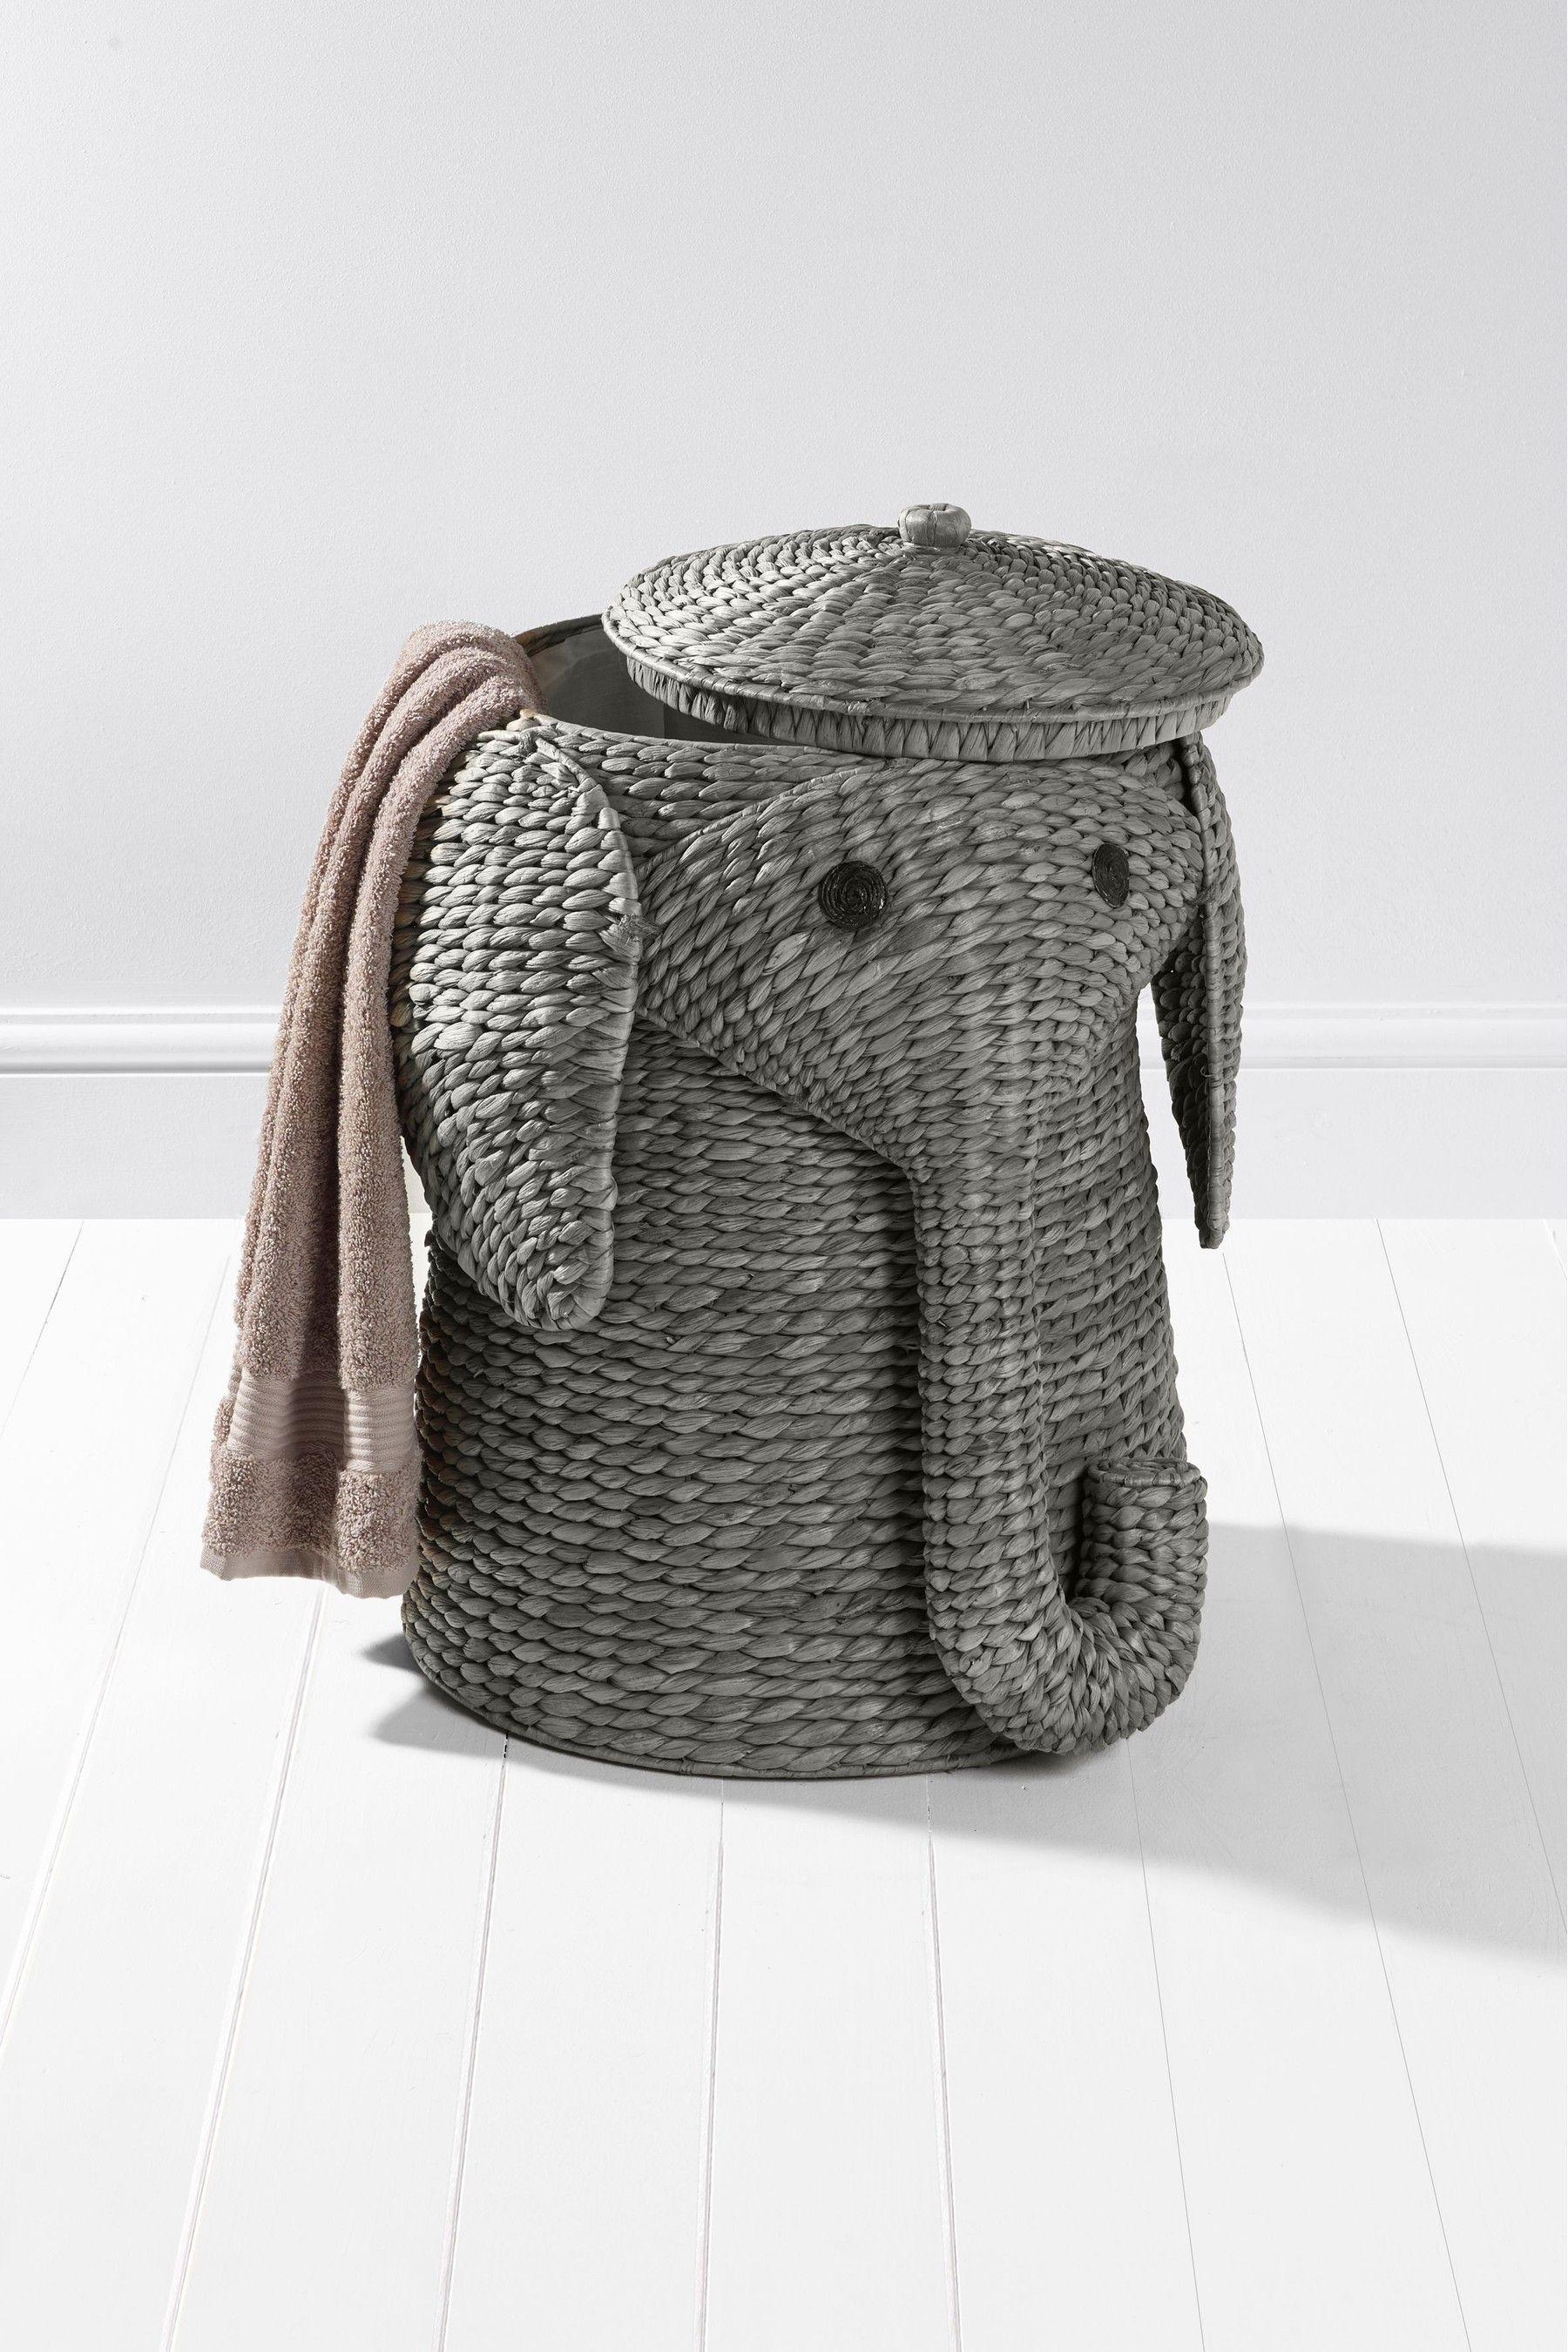 Elephant Laundry Basket In 2020 Elephant Bathroom Decor Laundry